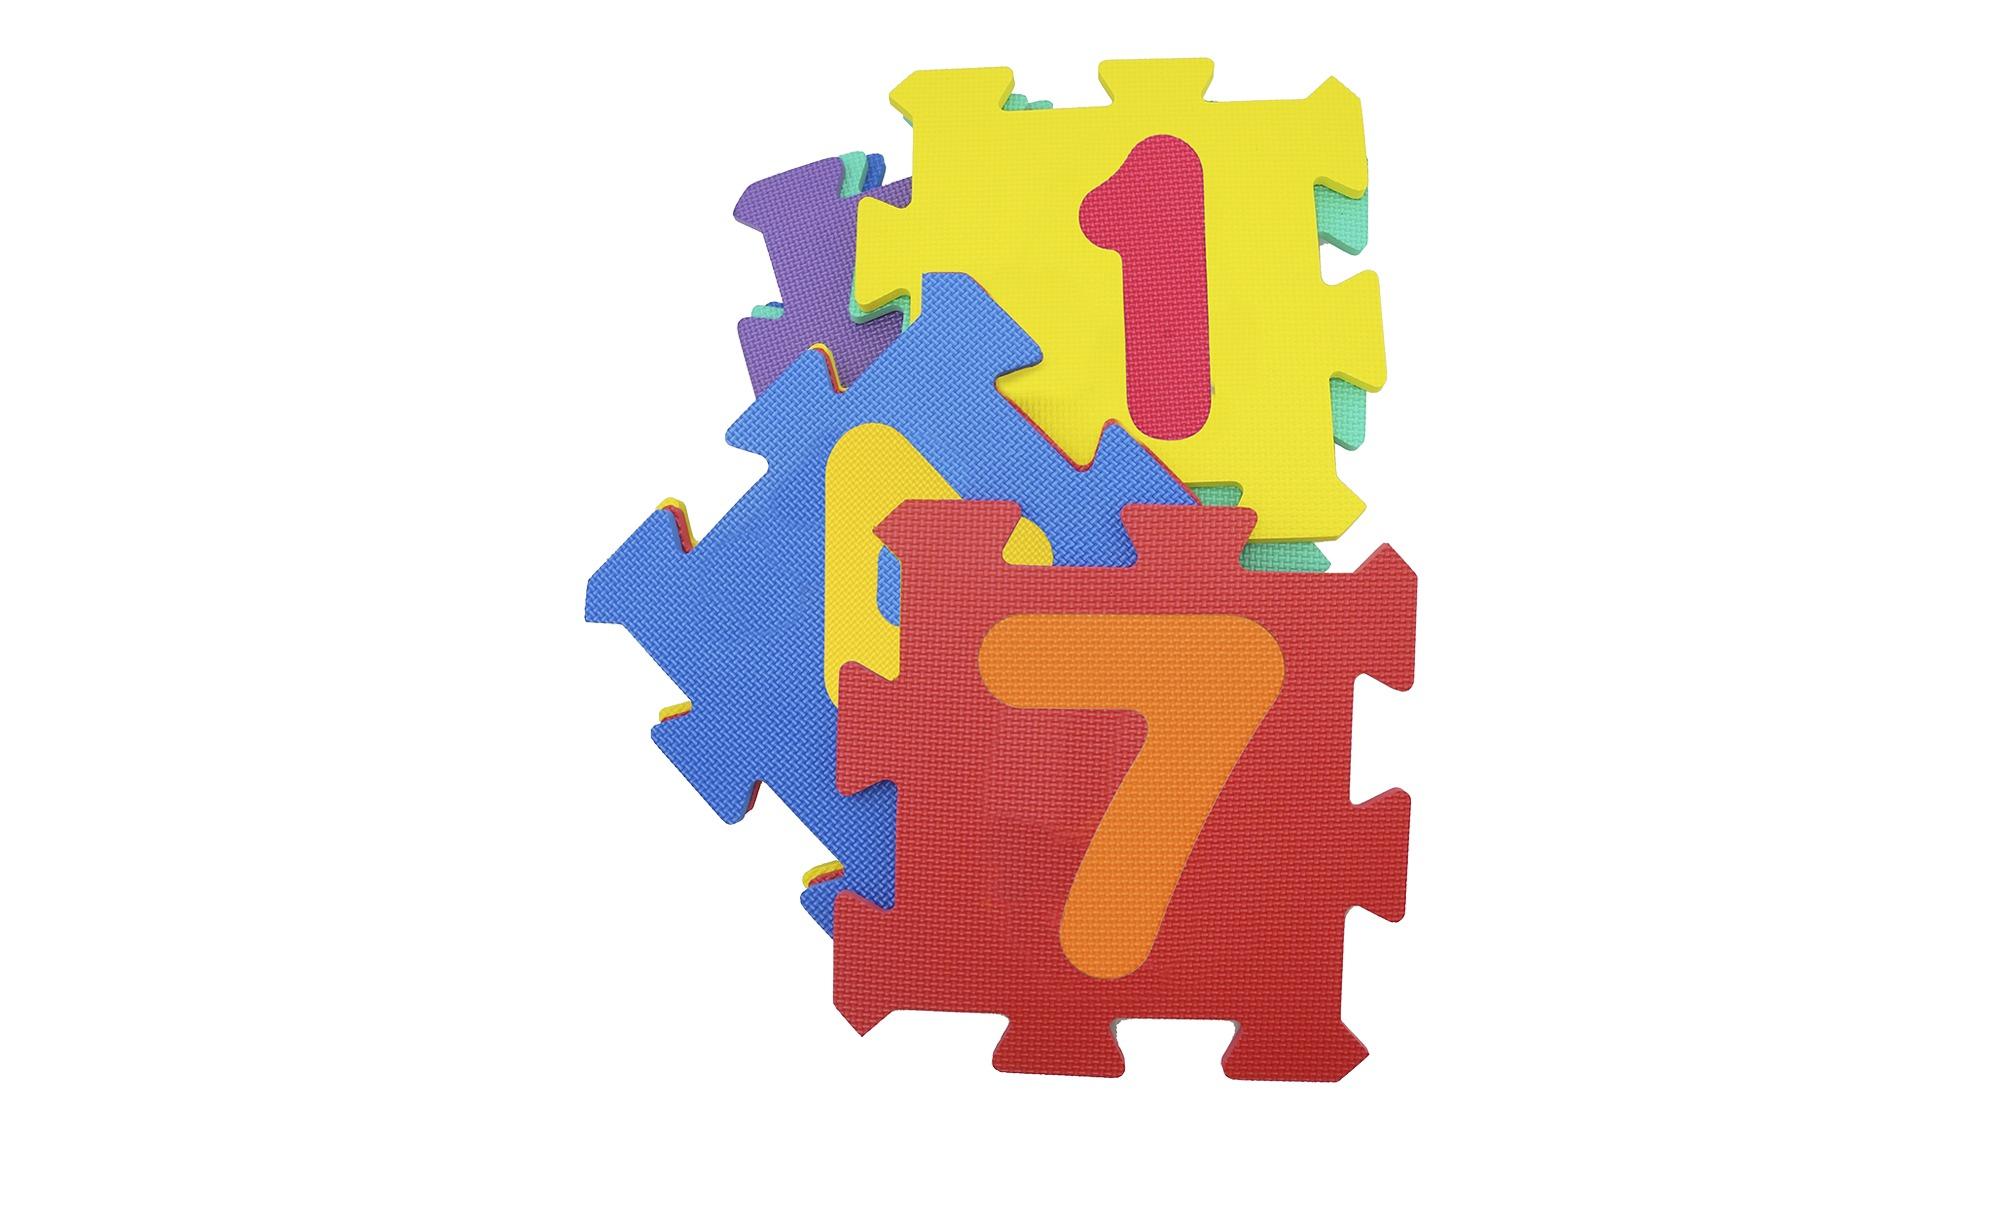 Puzzelmatte  Zahlen ¦ mehrfarbig ¦  Matten mit einem farbigen Gummi beschichtet, 100% Polyurethan ¦ Maße (cm): B: 32 H: 1 T: 9 Teppiche > Kinderteppiche - Höffner